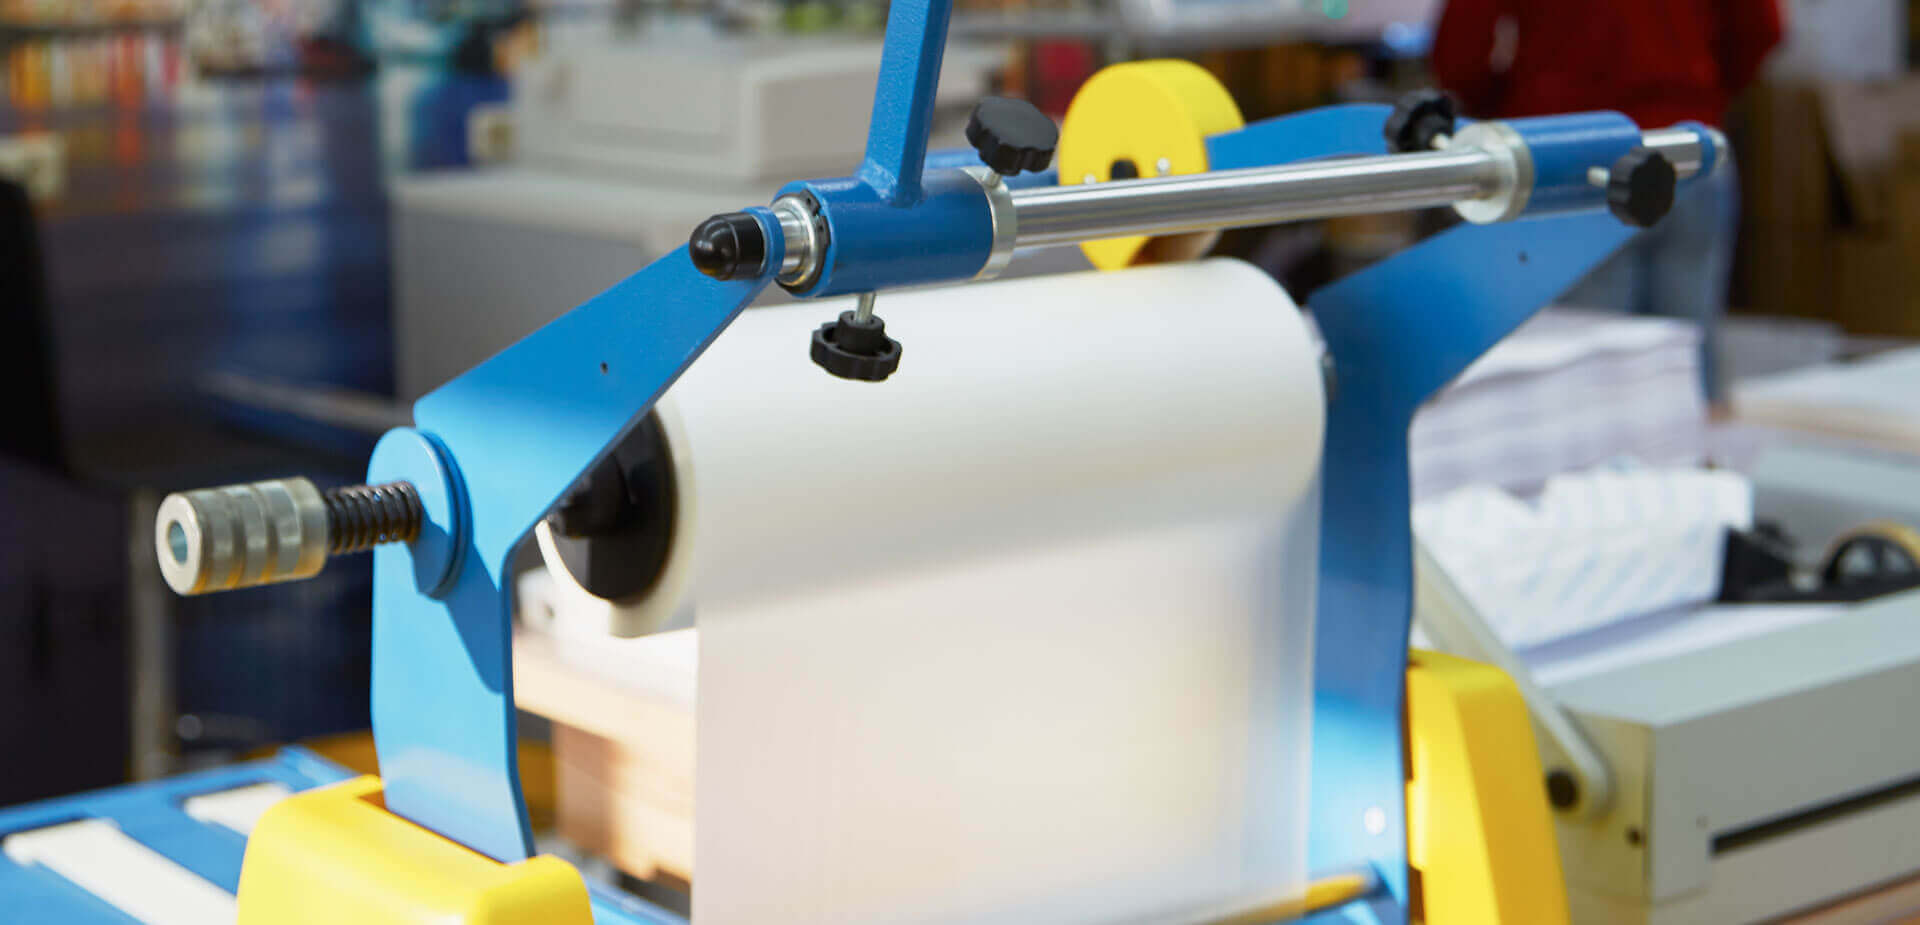 Das Laminiergerät hat eine Endlosrolle und laminiert so bis zu 10.000 A4 Bögen auf einmal